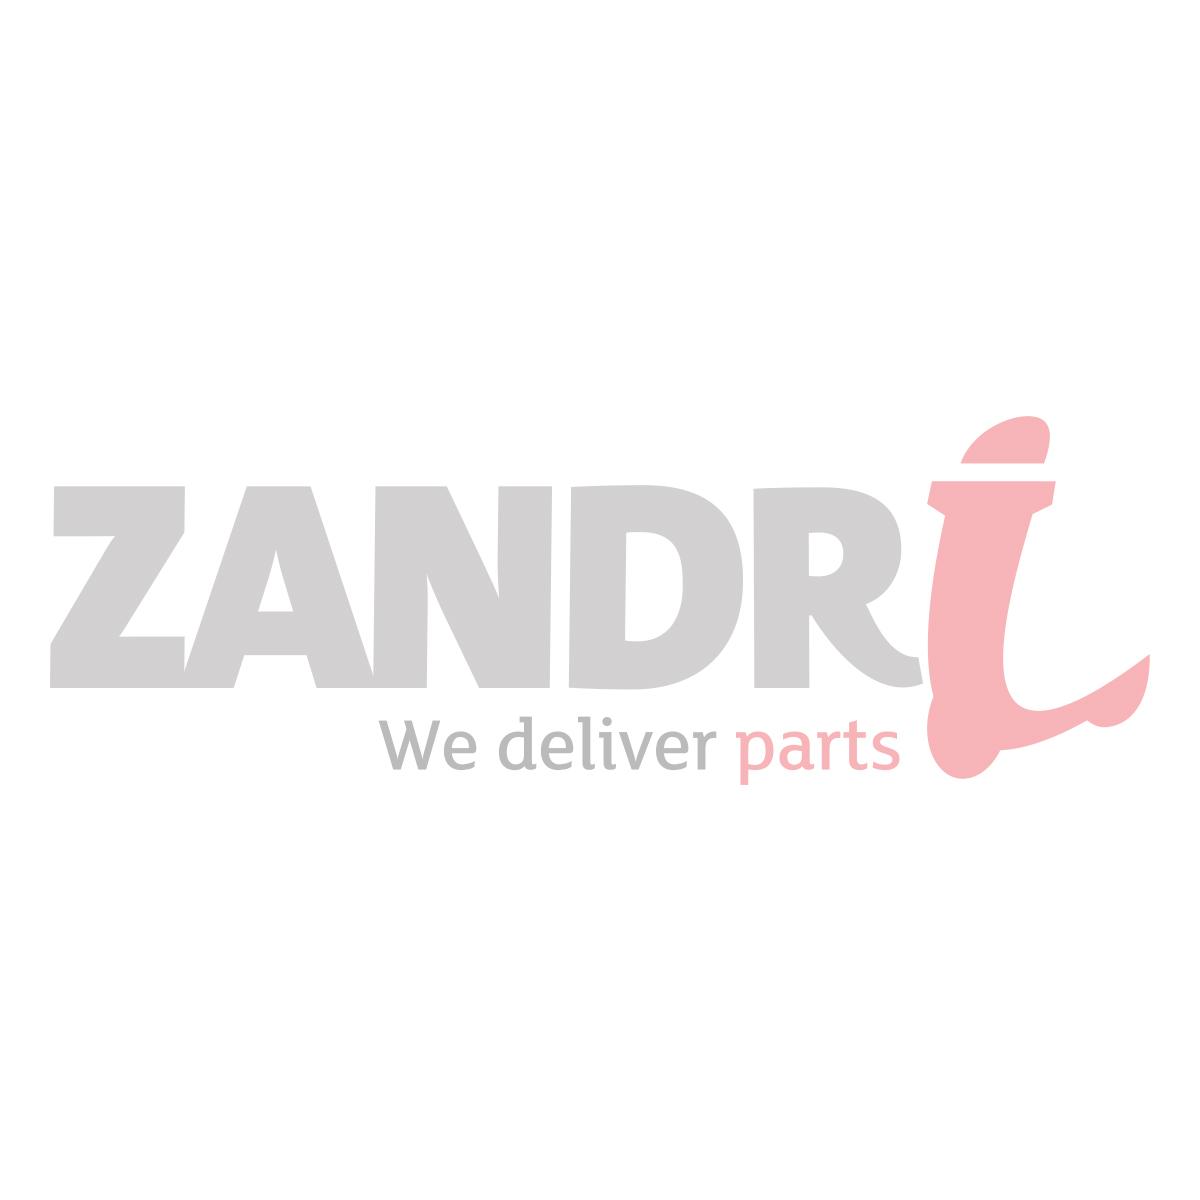 Buddy / Zadelslot Beta Ycon